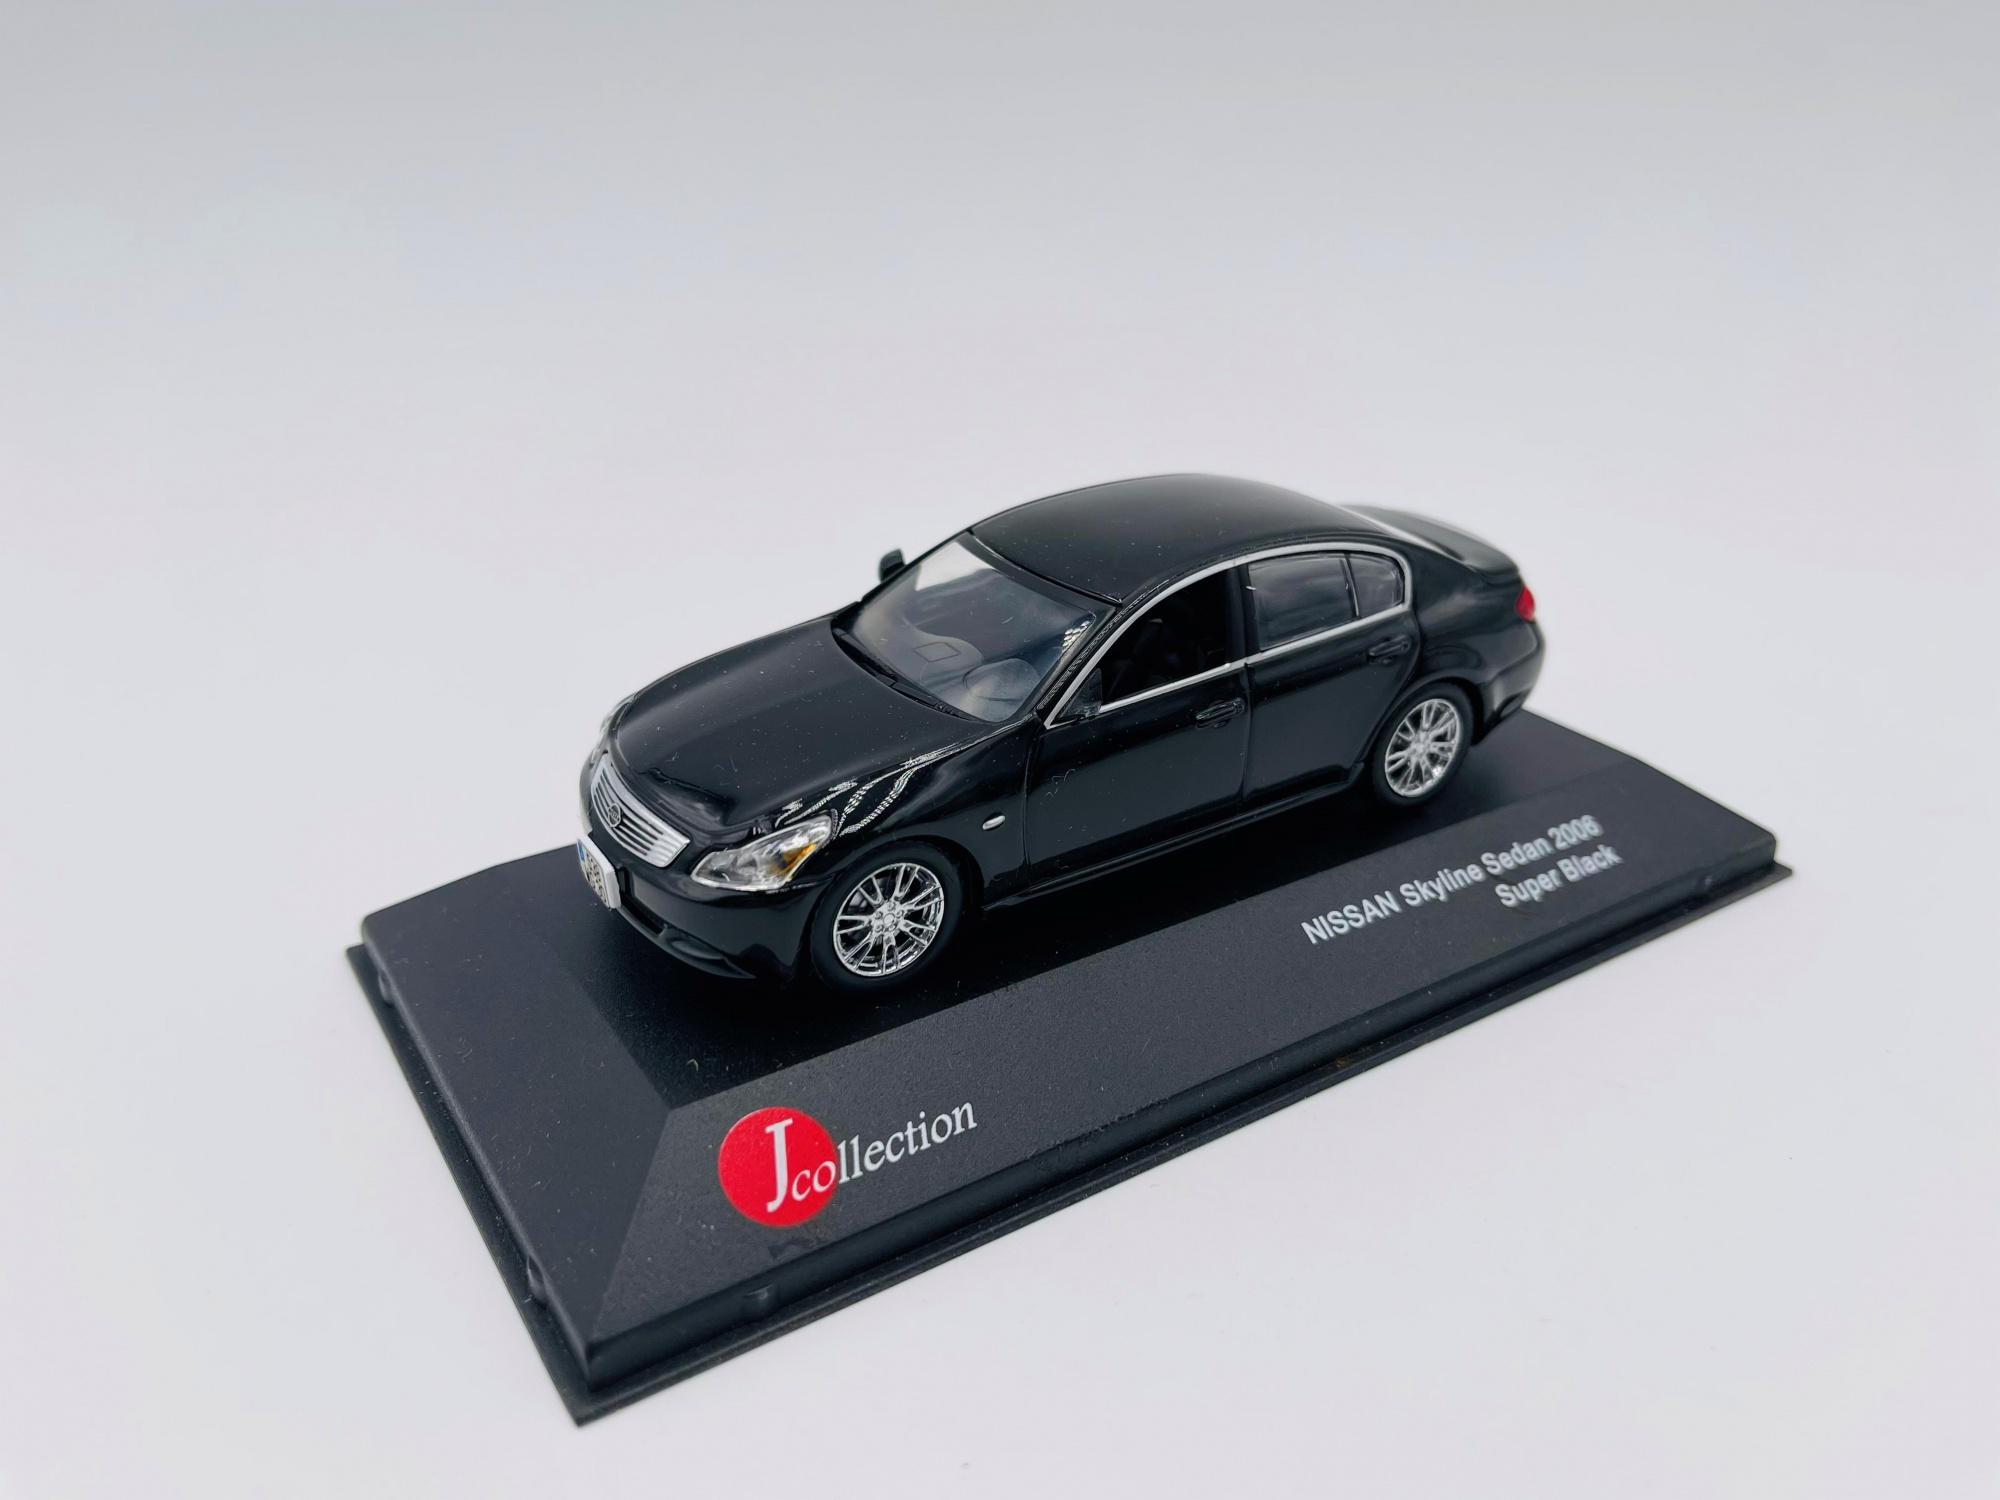 Nissan Skyline Sedan 2006 Black